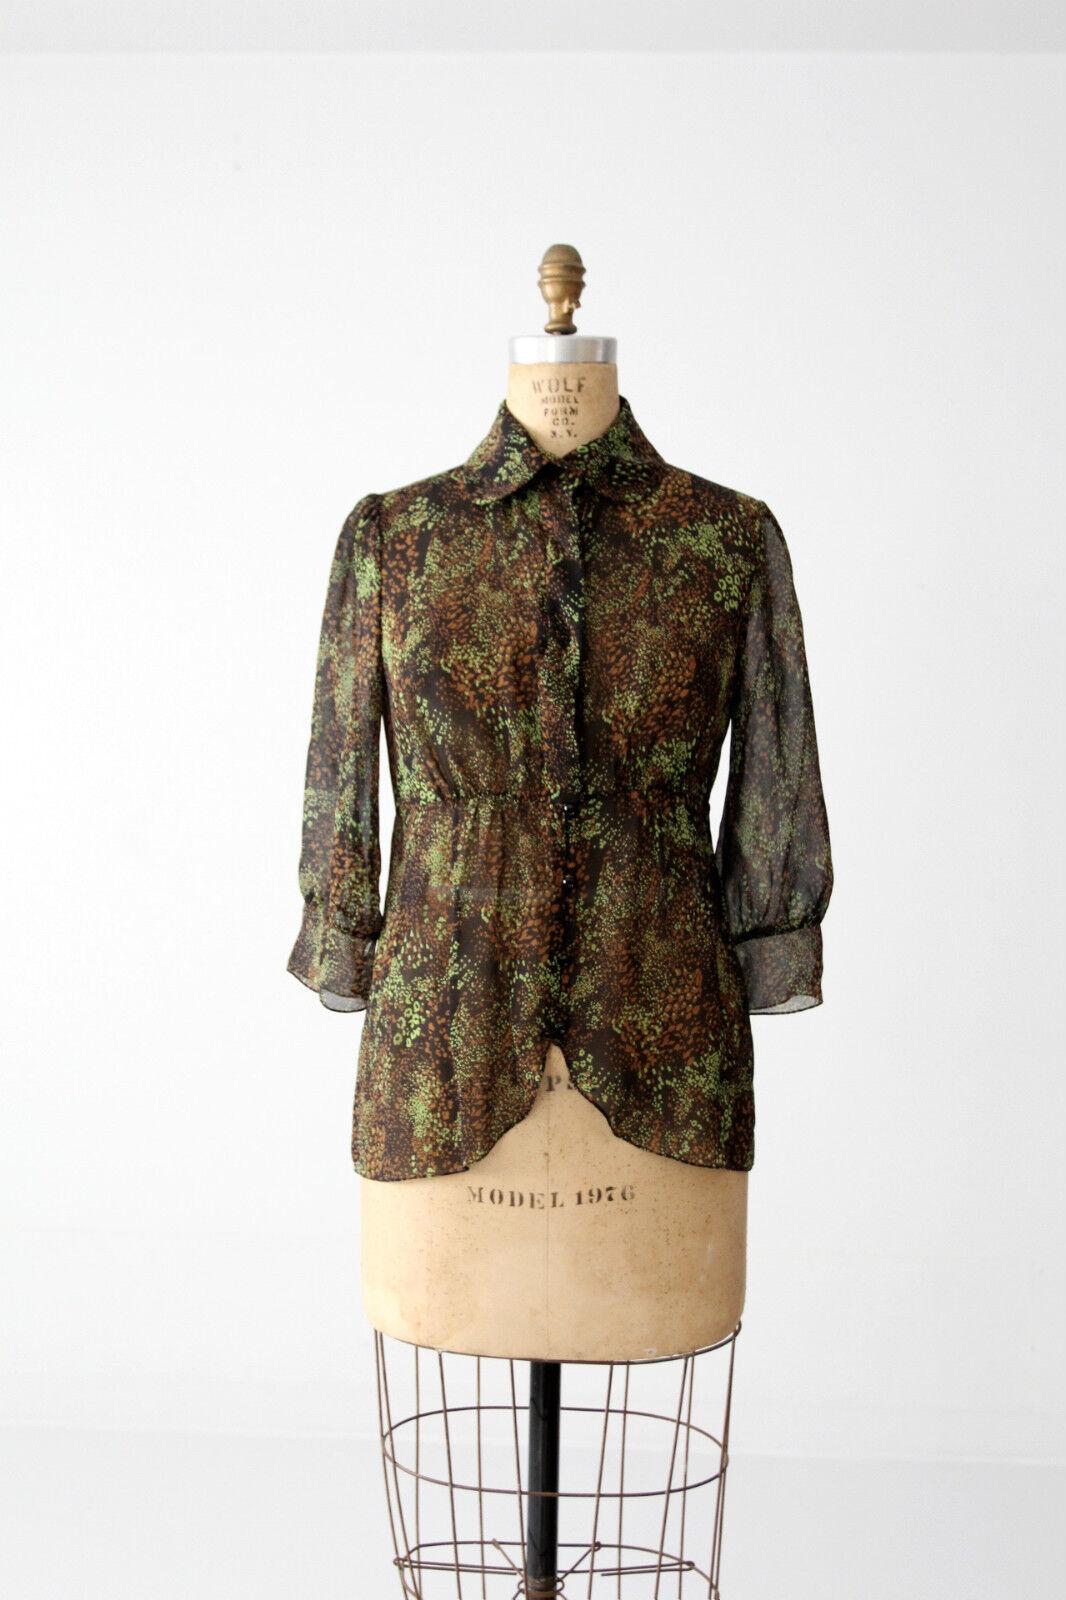 Tuleh silk blouse Grün and schwarz semi sheer Größe 8